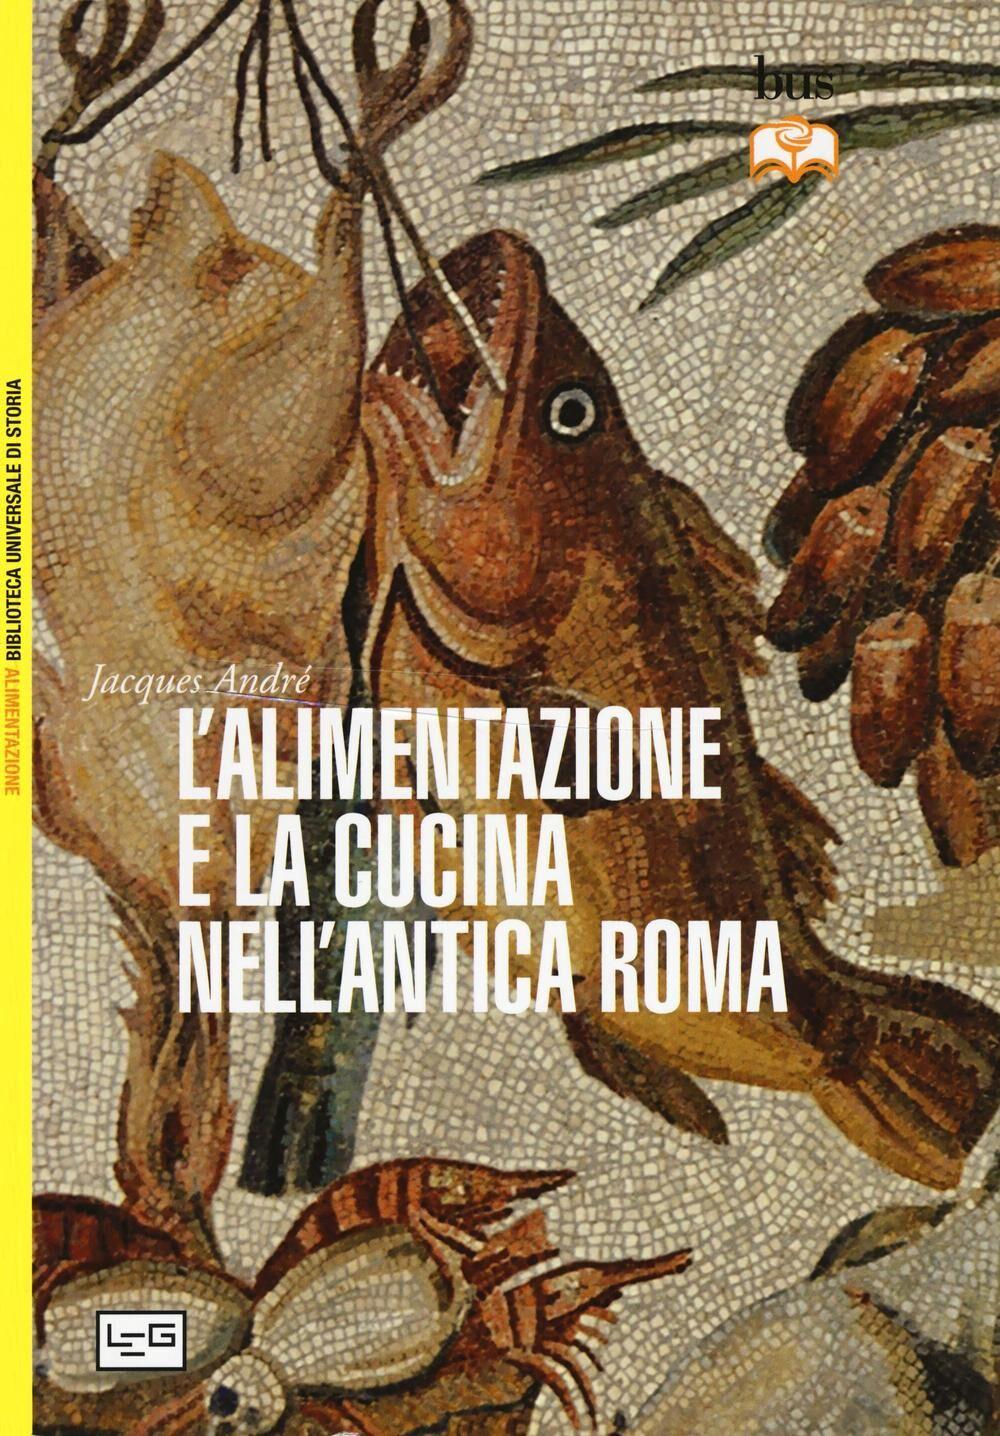 L' alimentazione e la cucina nell'antica Roma